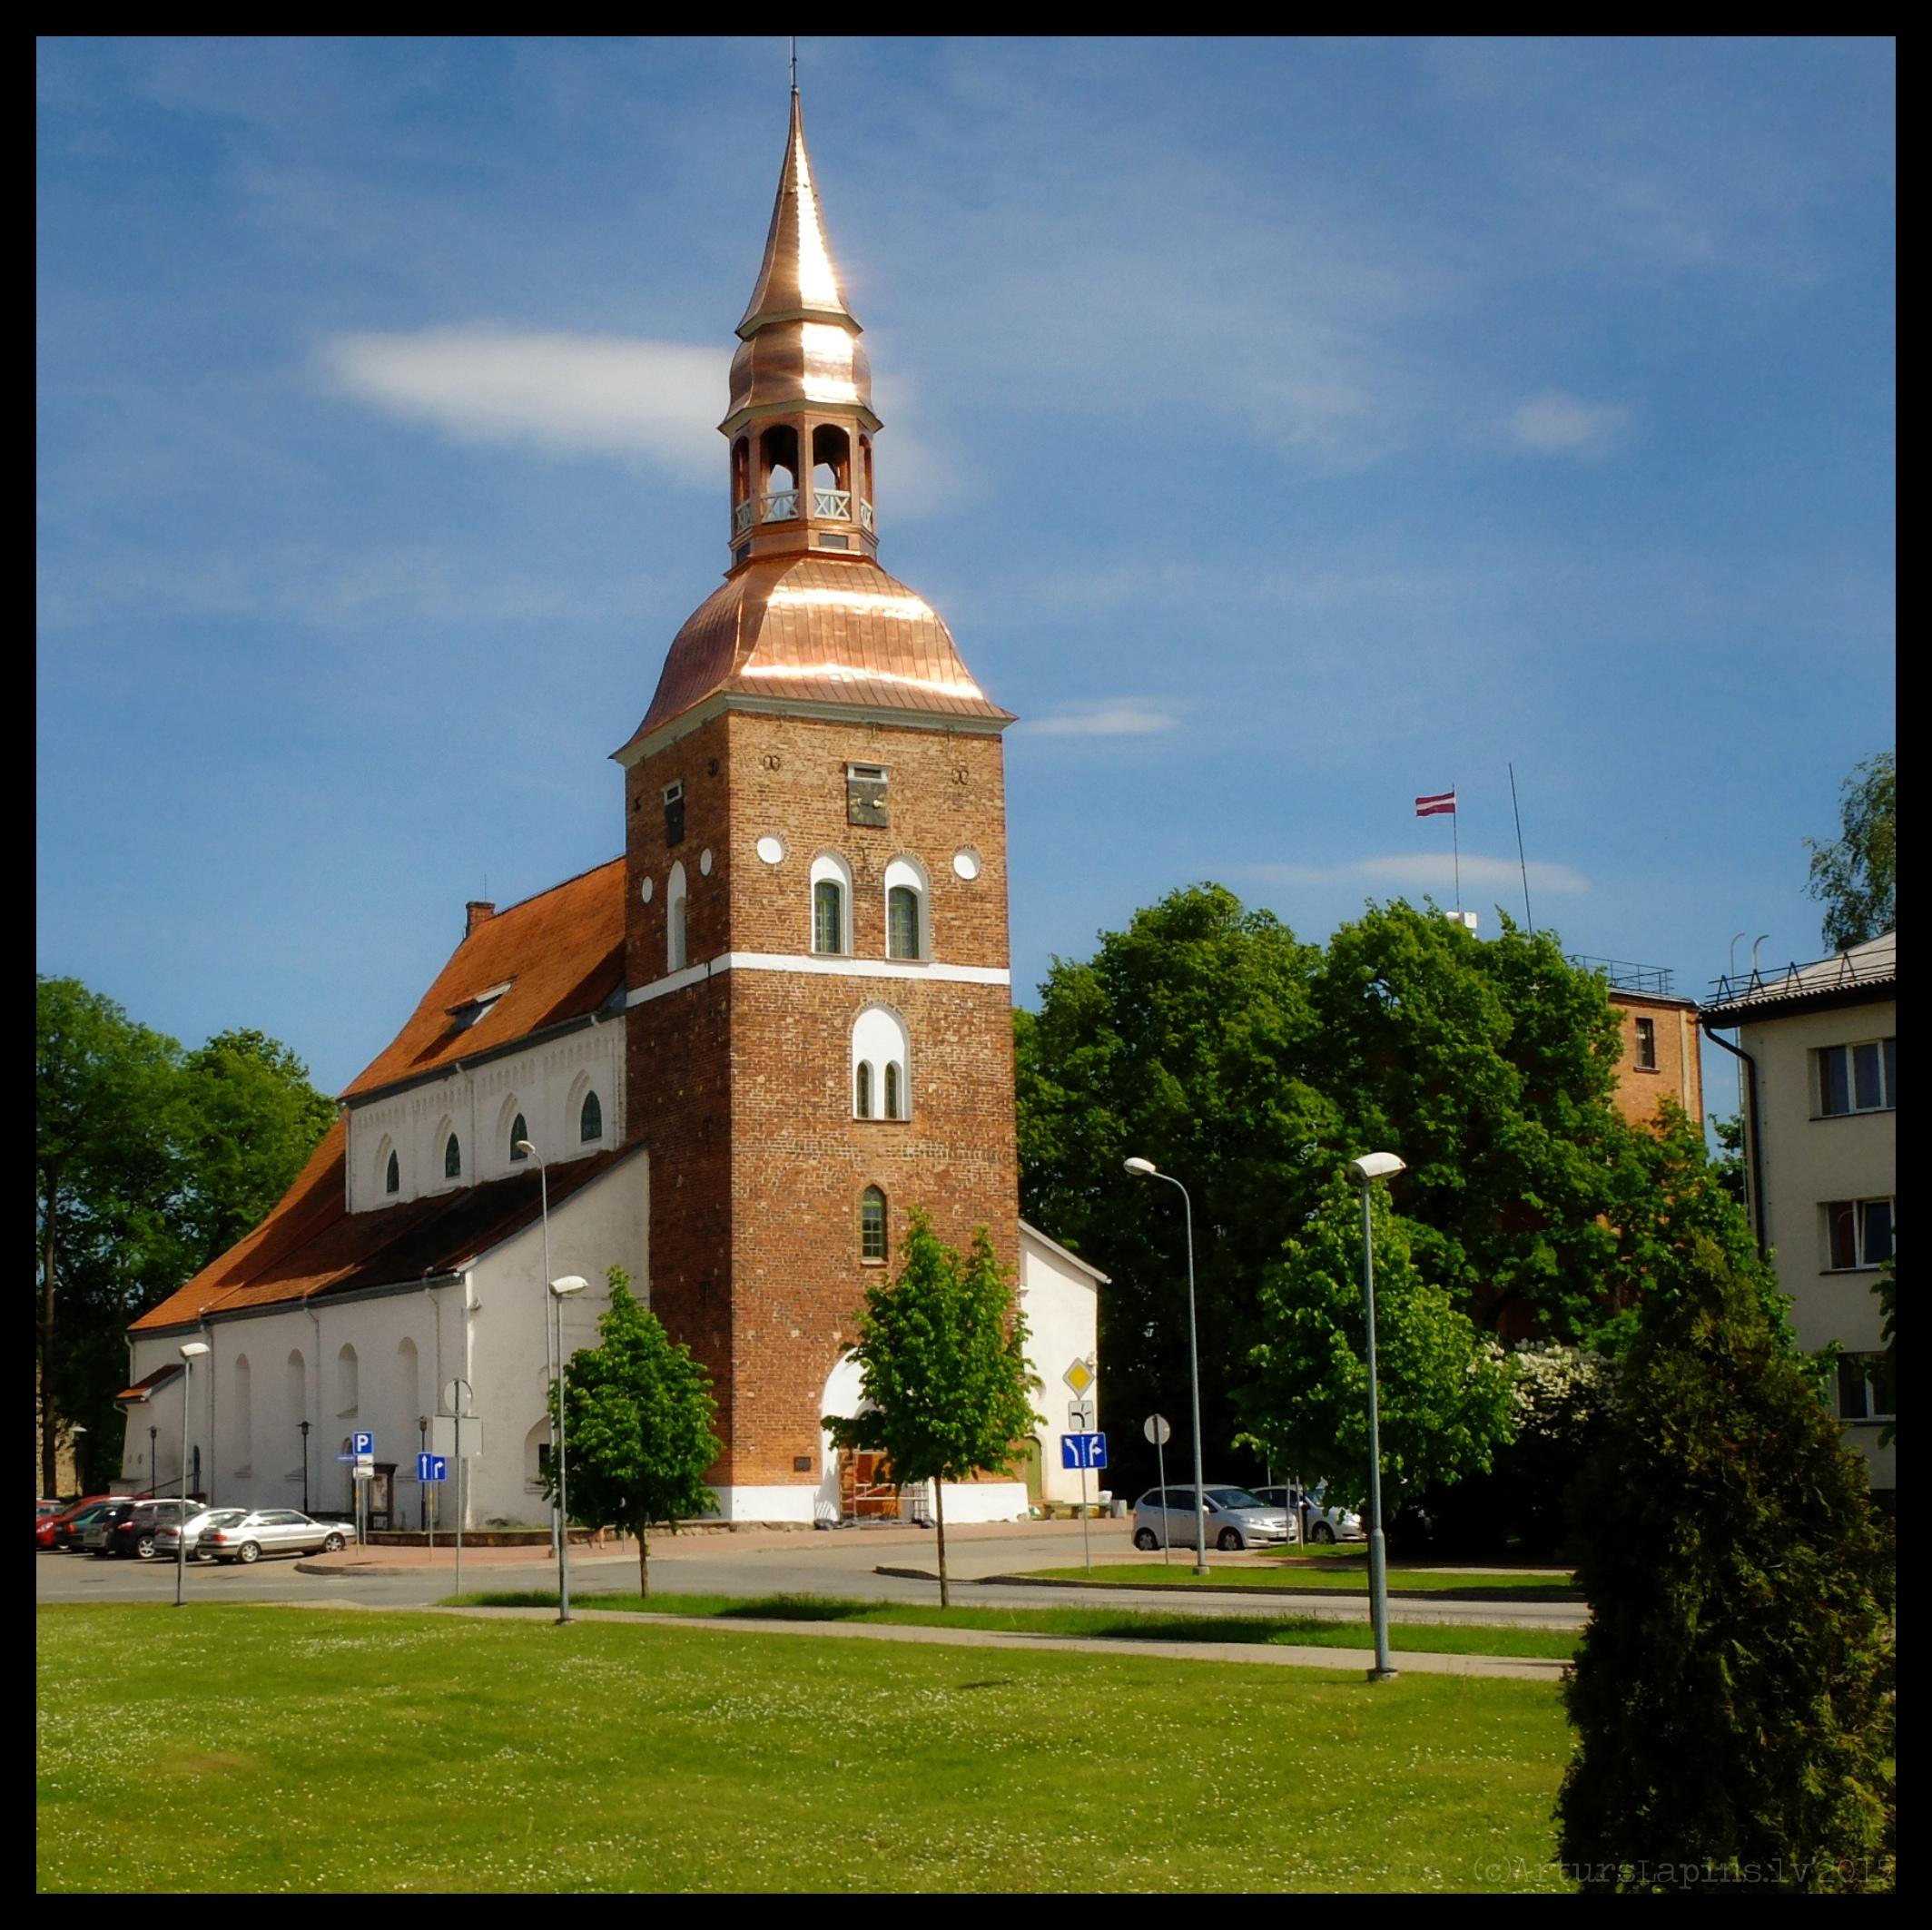 Atjaunots Valmieras baznīcas tornis